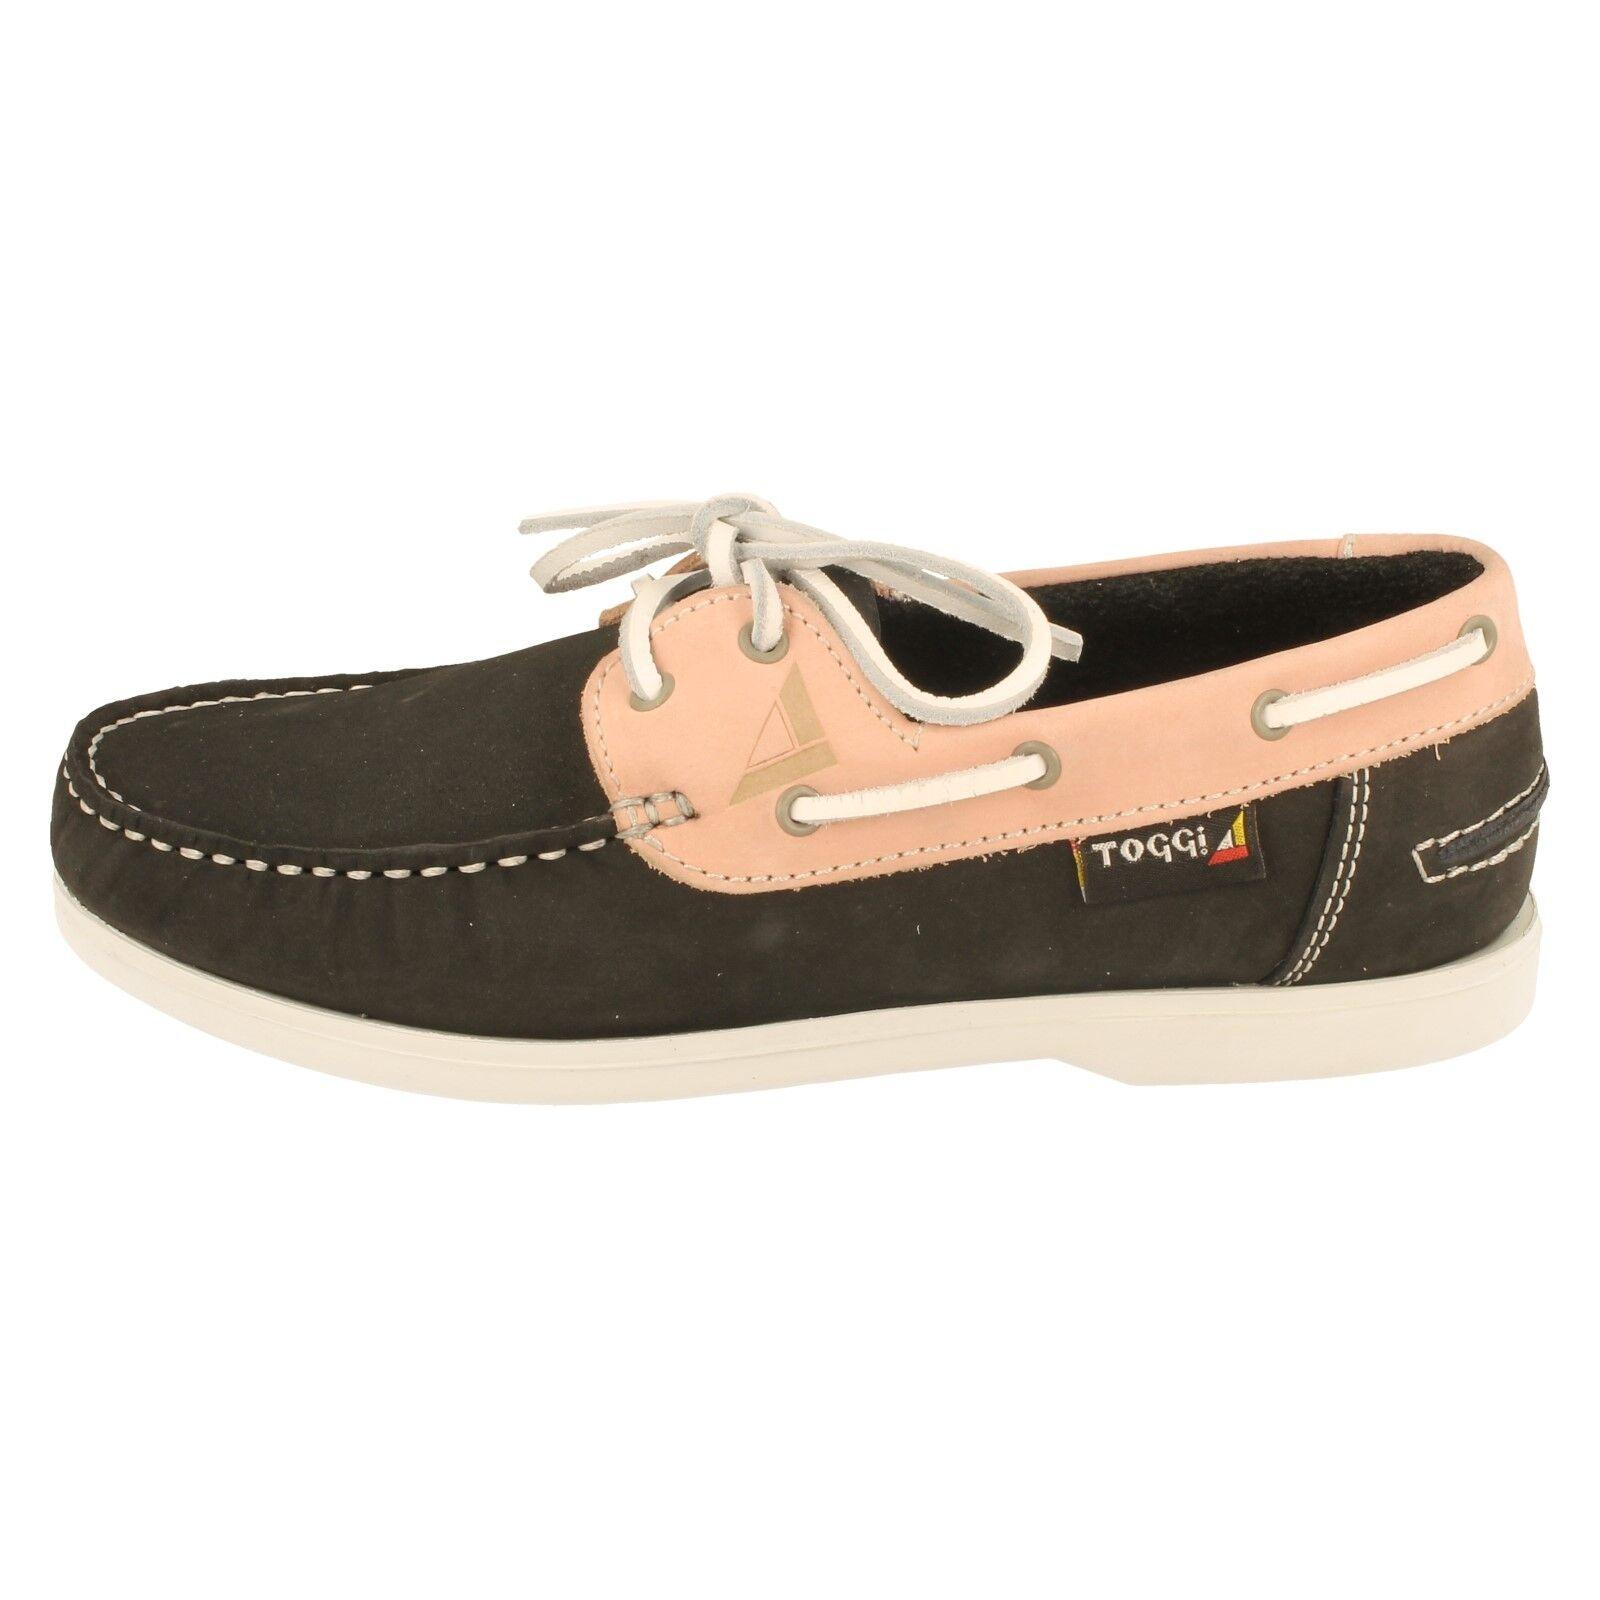 Ladies Toggi Deck shoes - Capri Capri Capri d25bc7